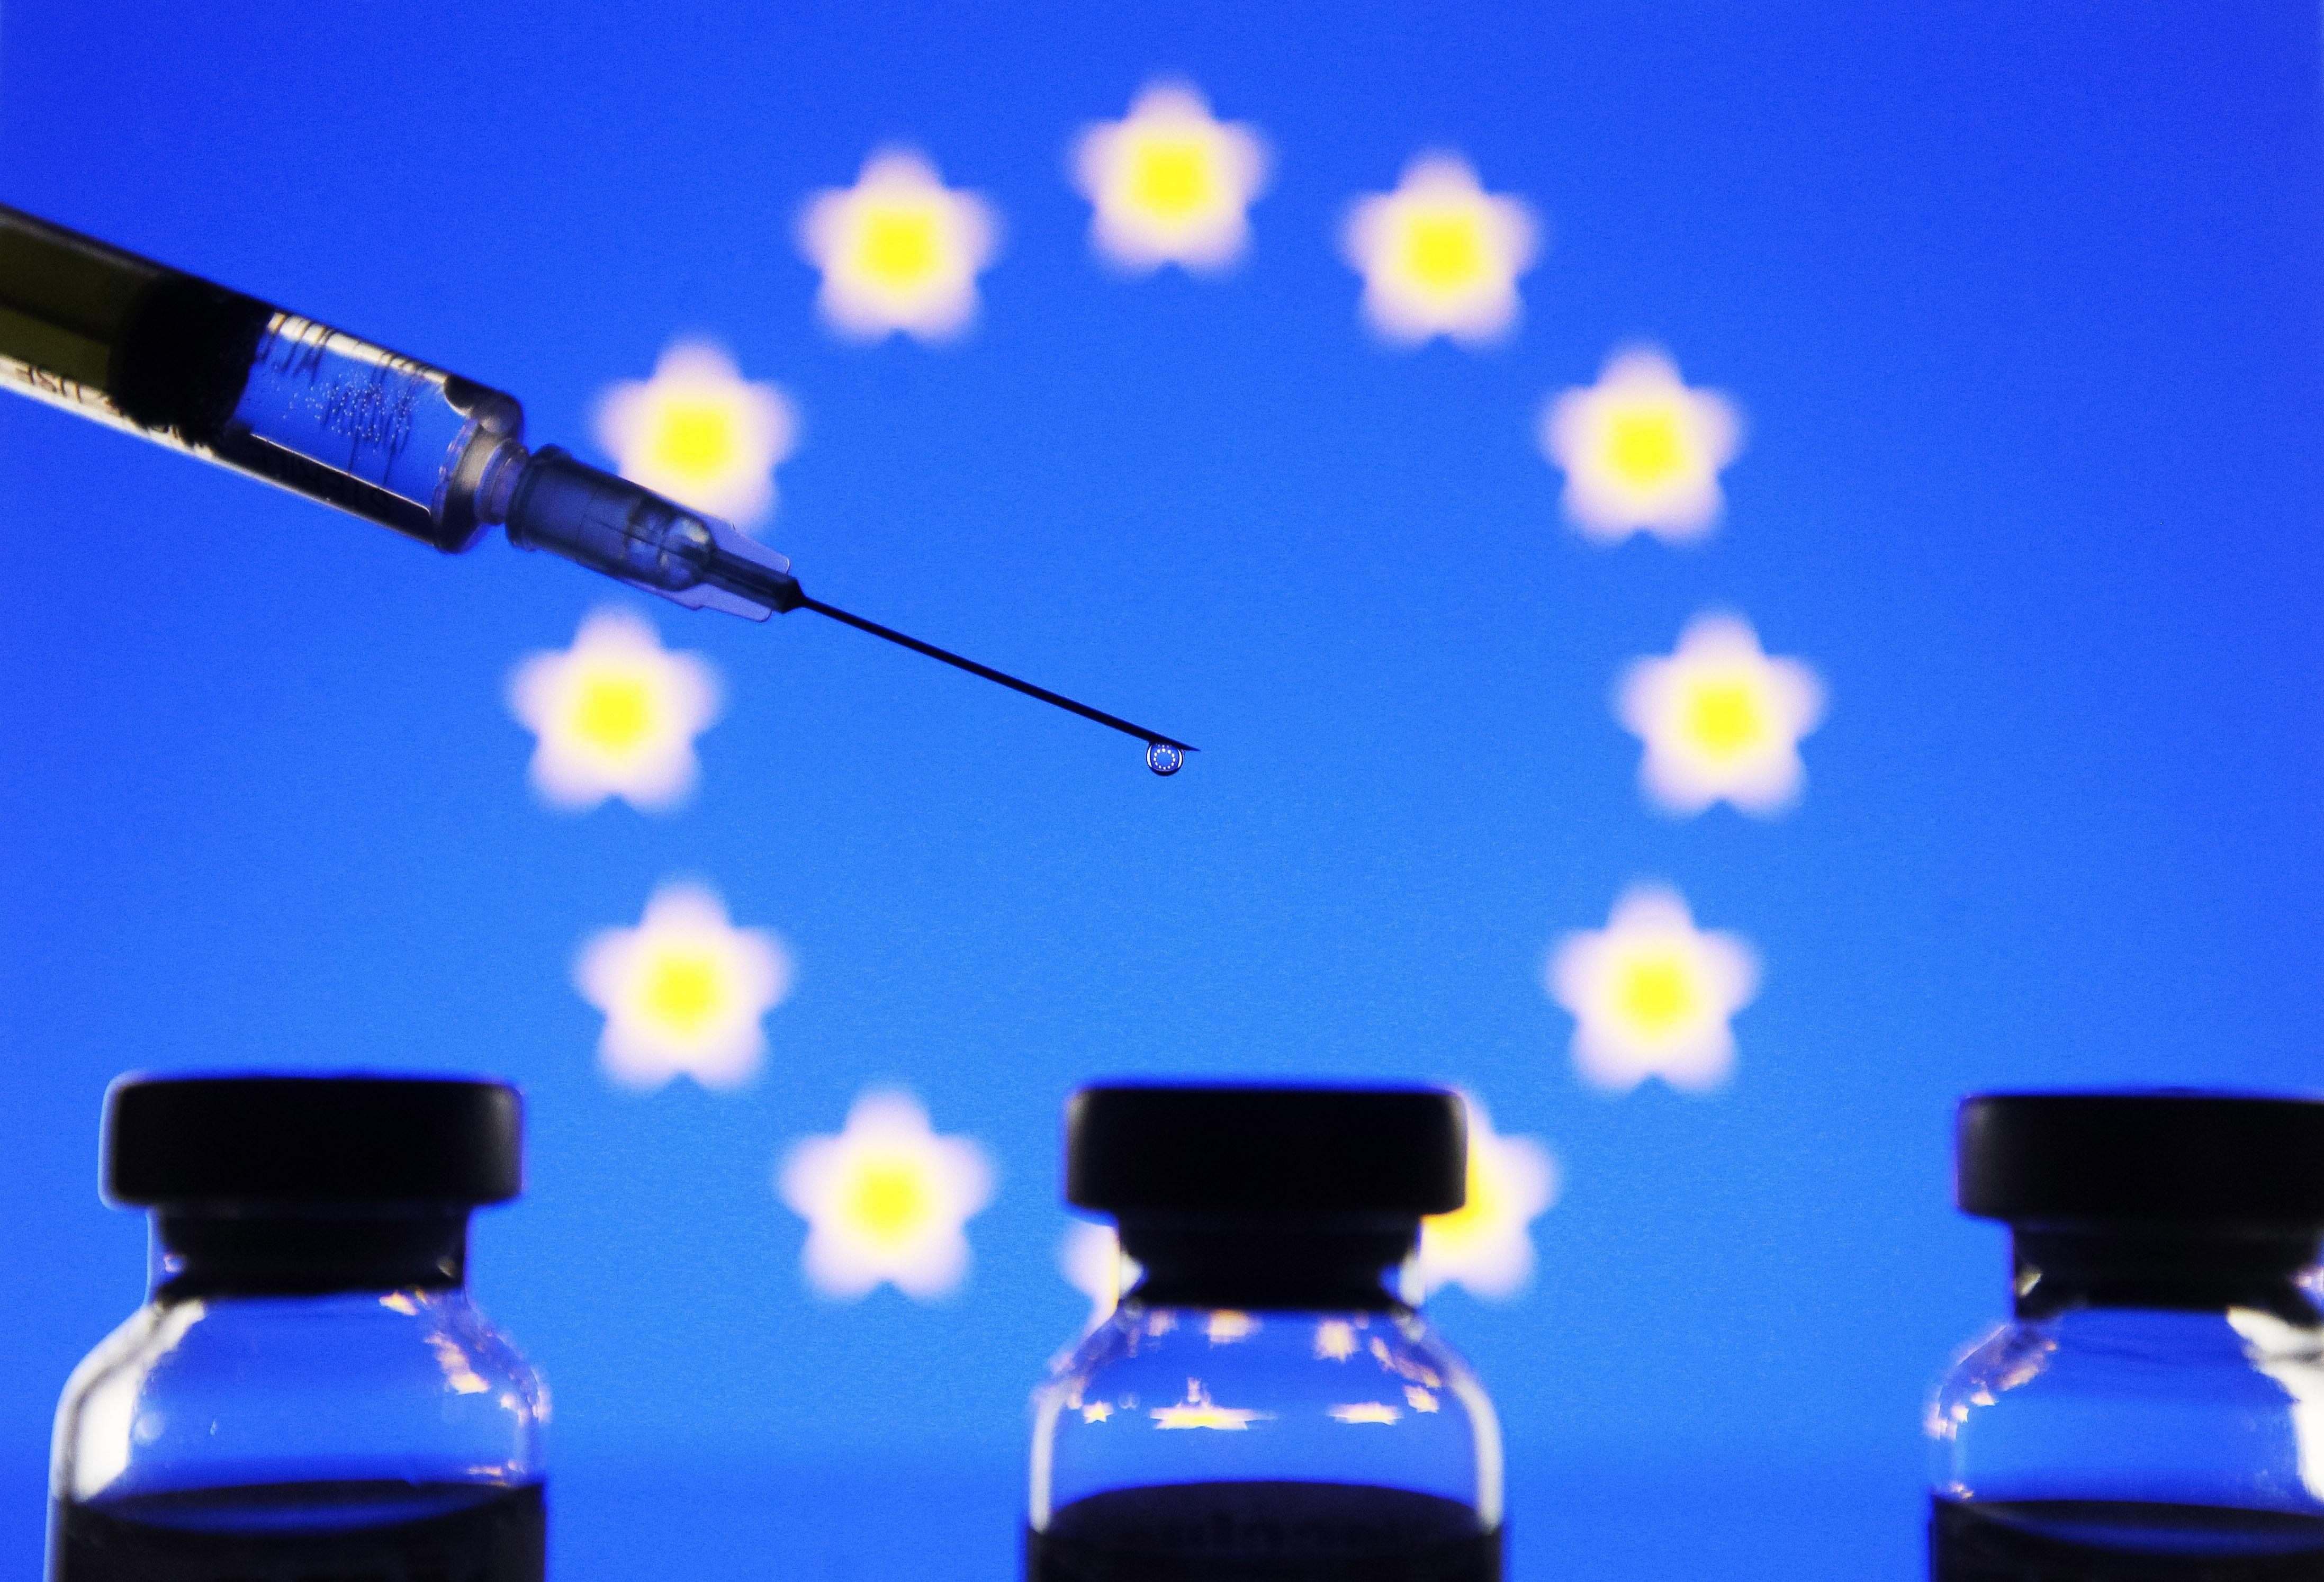 Medical syringe illustrations in Ukraine. Reuters